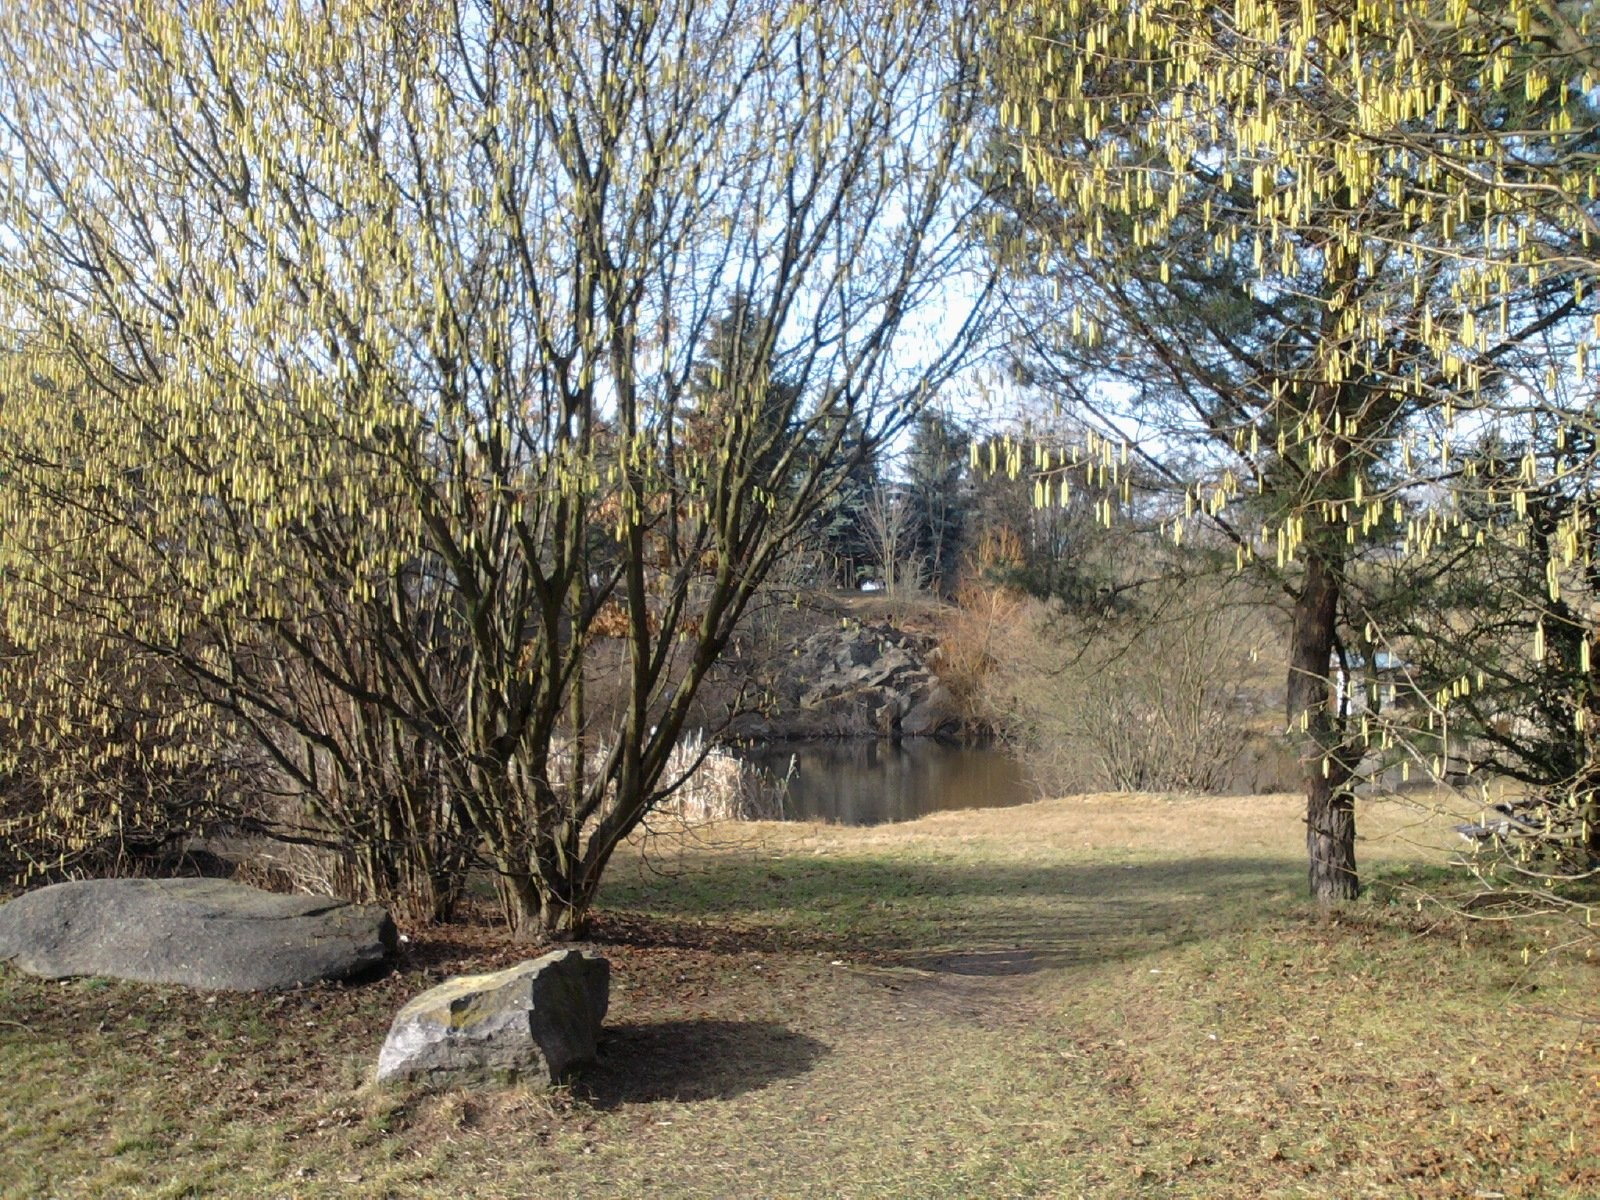 v Klatovech už se blíží jaro